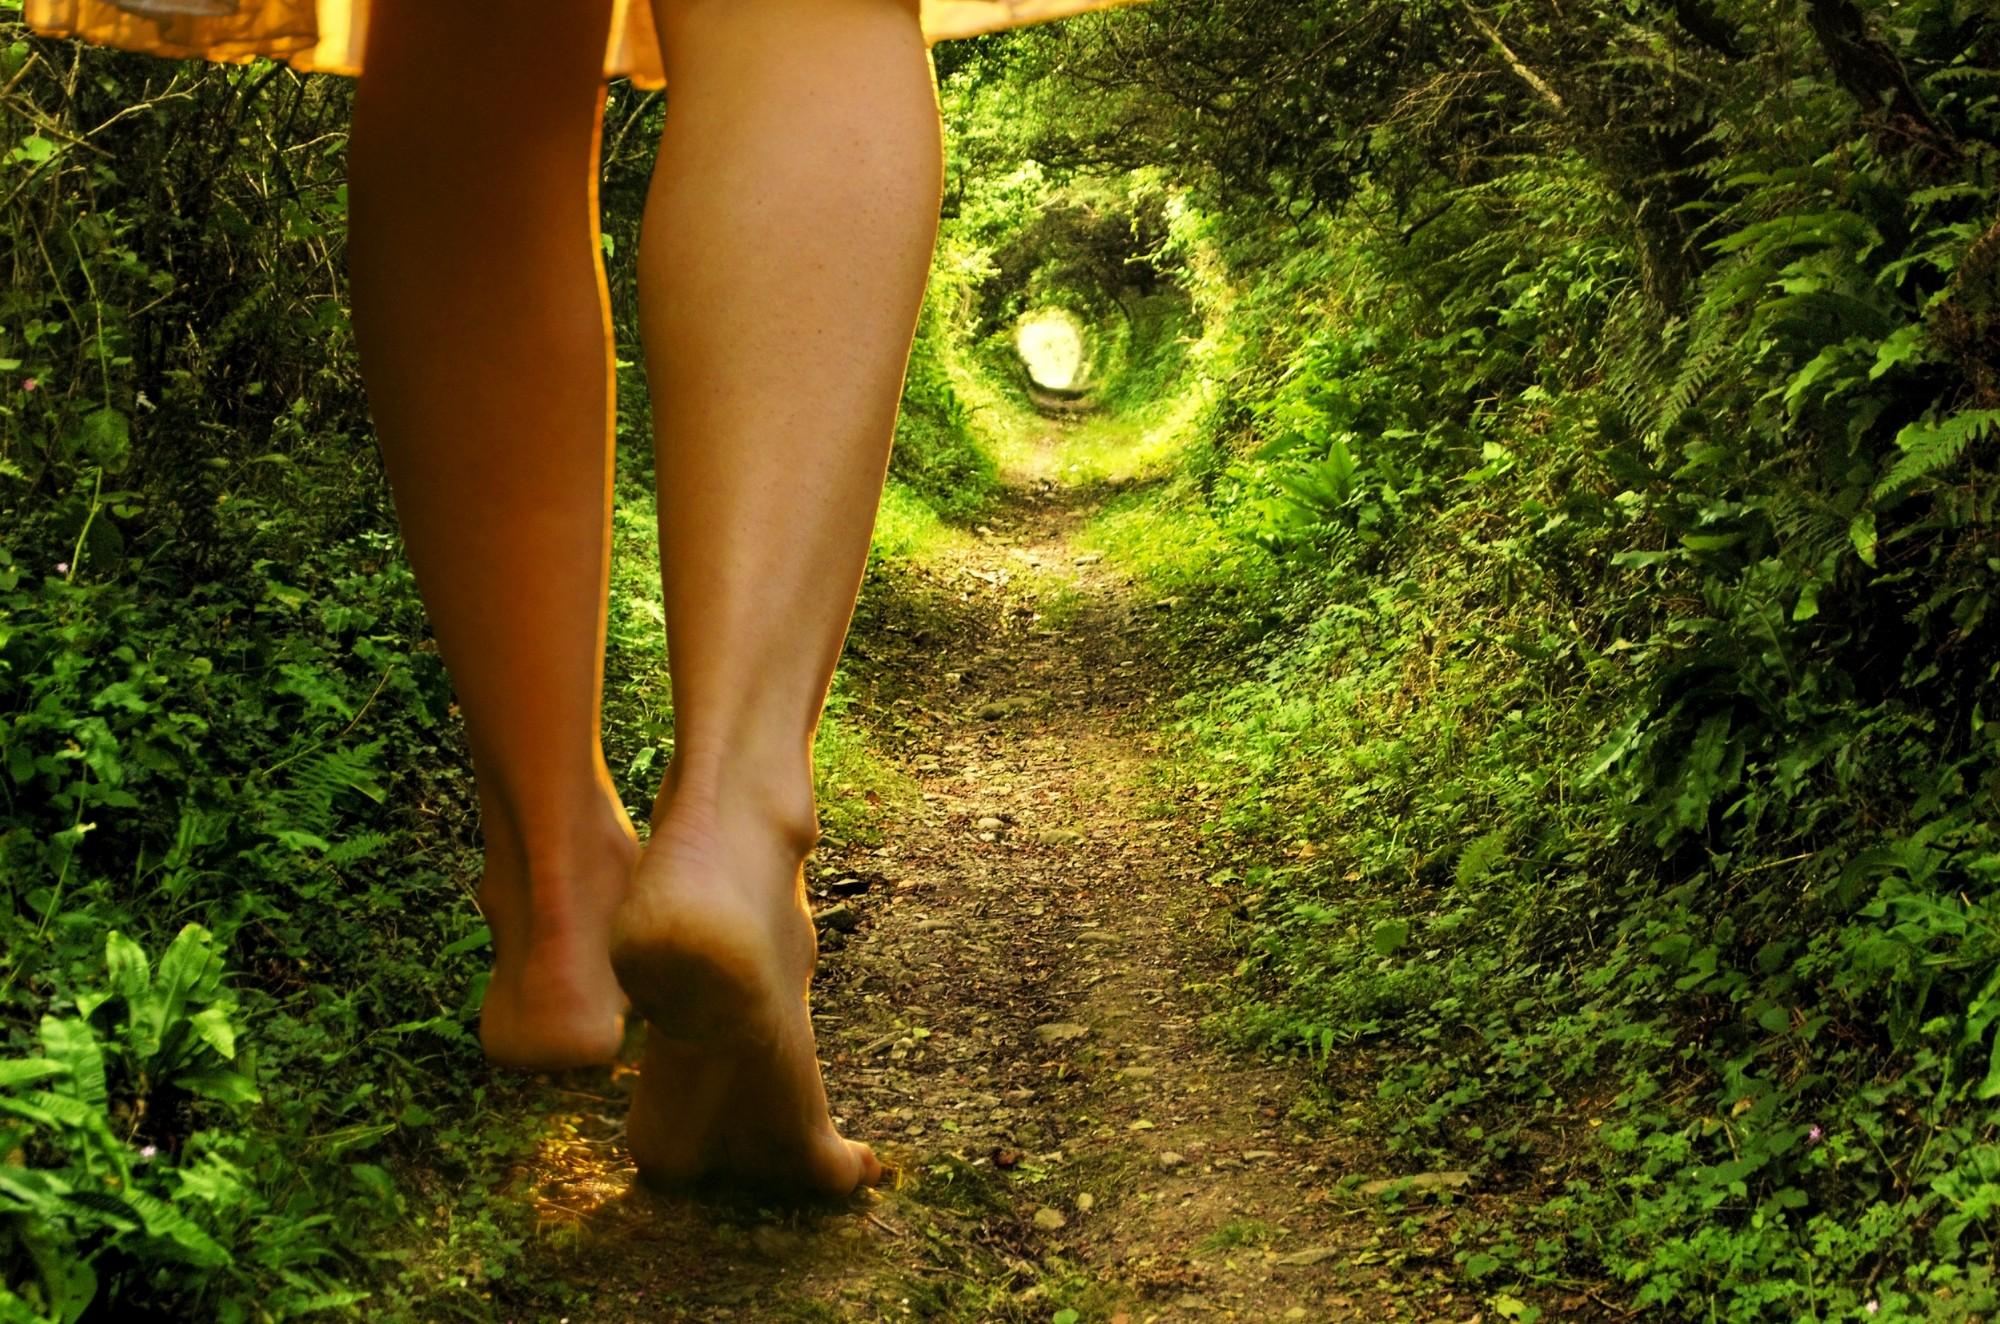 tunnel dans foret verte